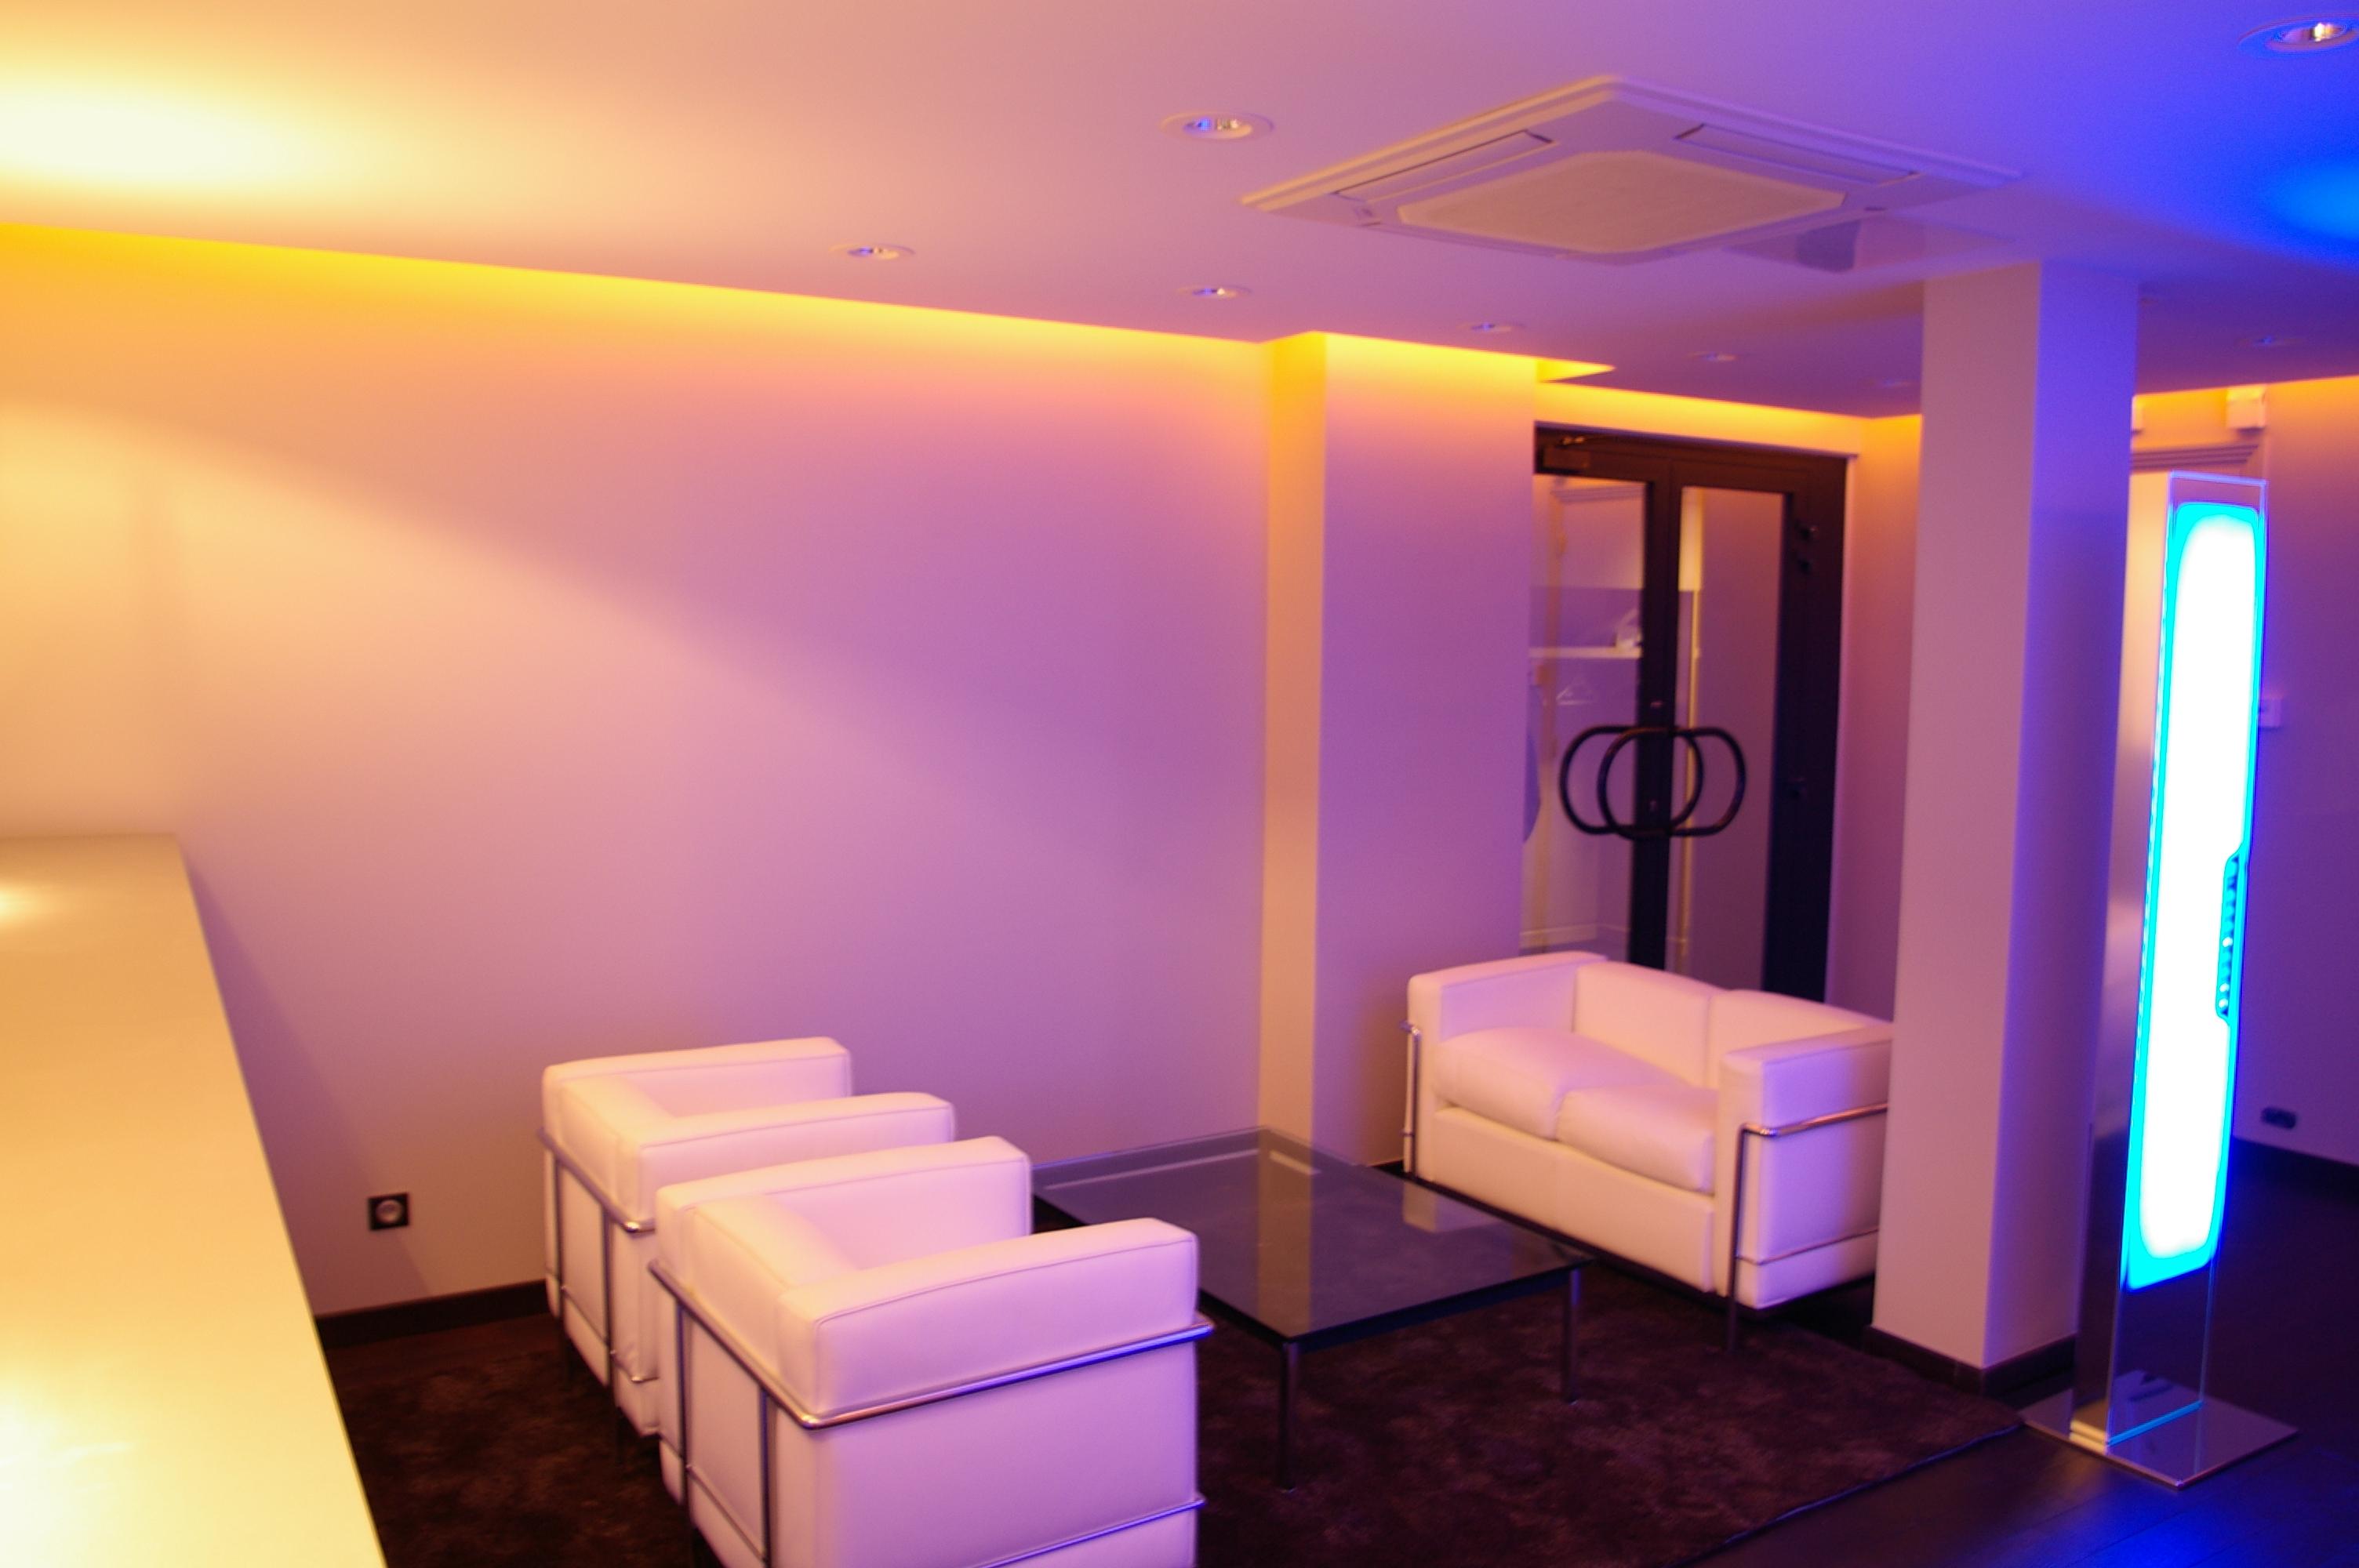 Décoration intérieure : revêtement de sol, peinture murs et plafonds et pose d'éclairages